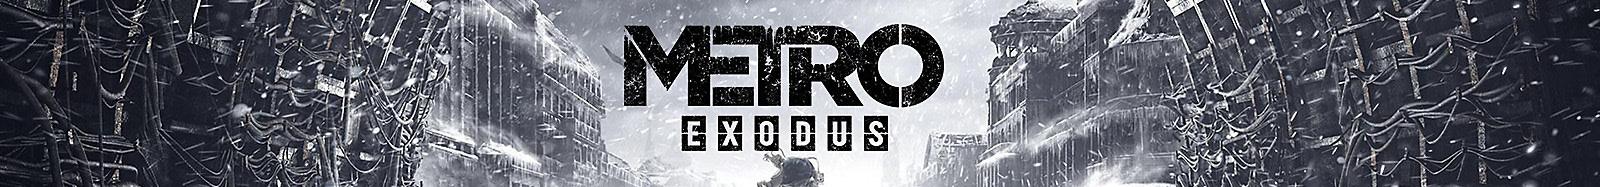 Metro Exodus Low FPS Fix on Behance